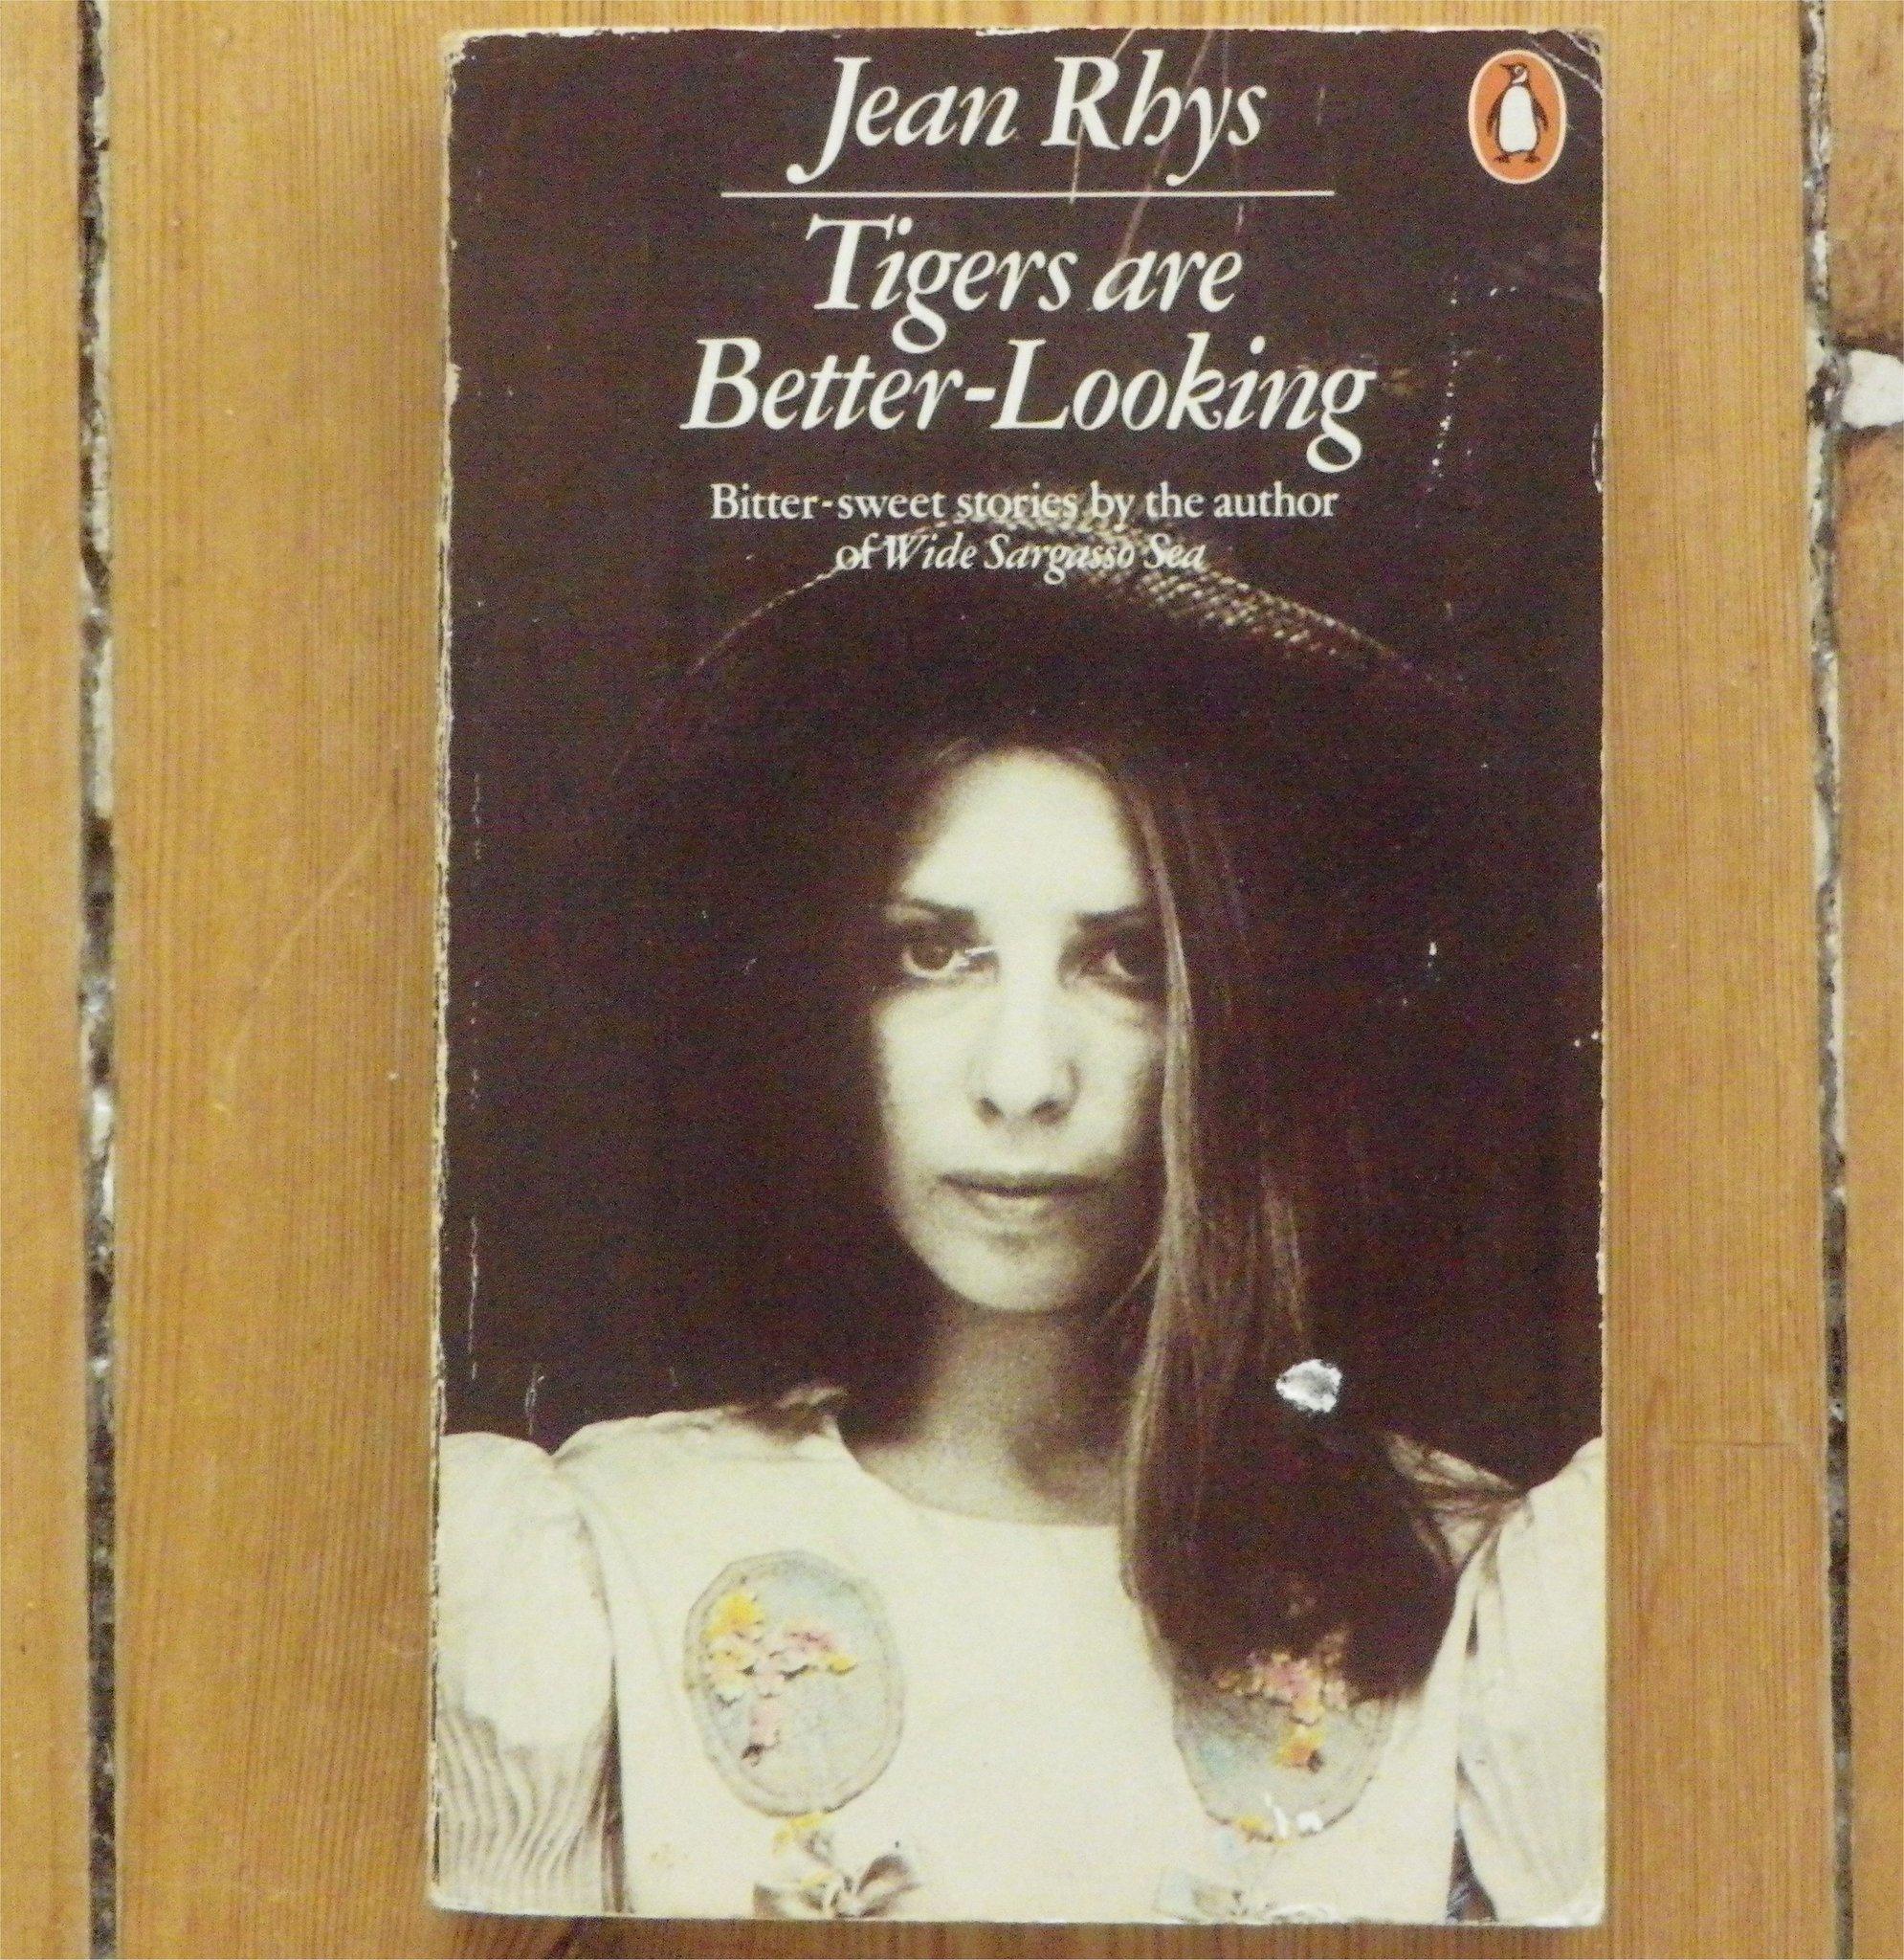 My favourite Jean Rhys #readingrhys https://t.co/sUsCu0kqjX